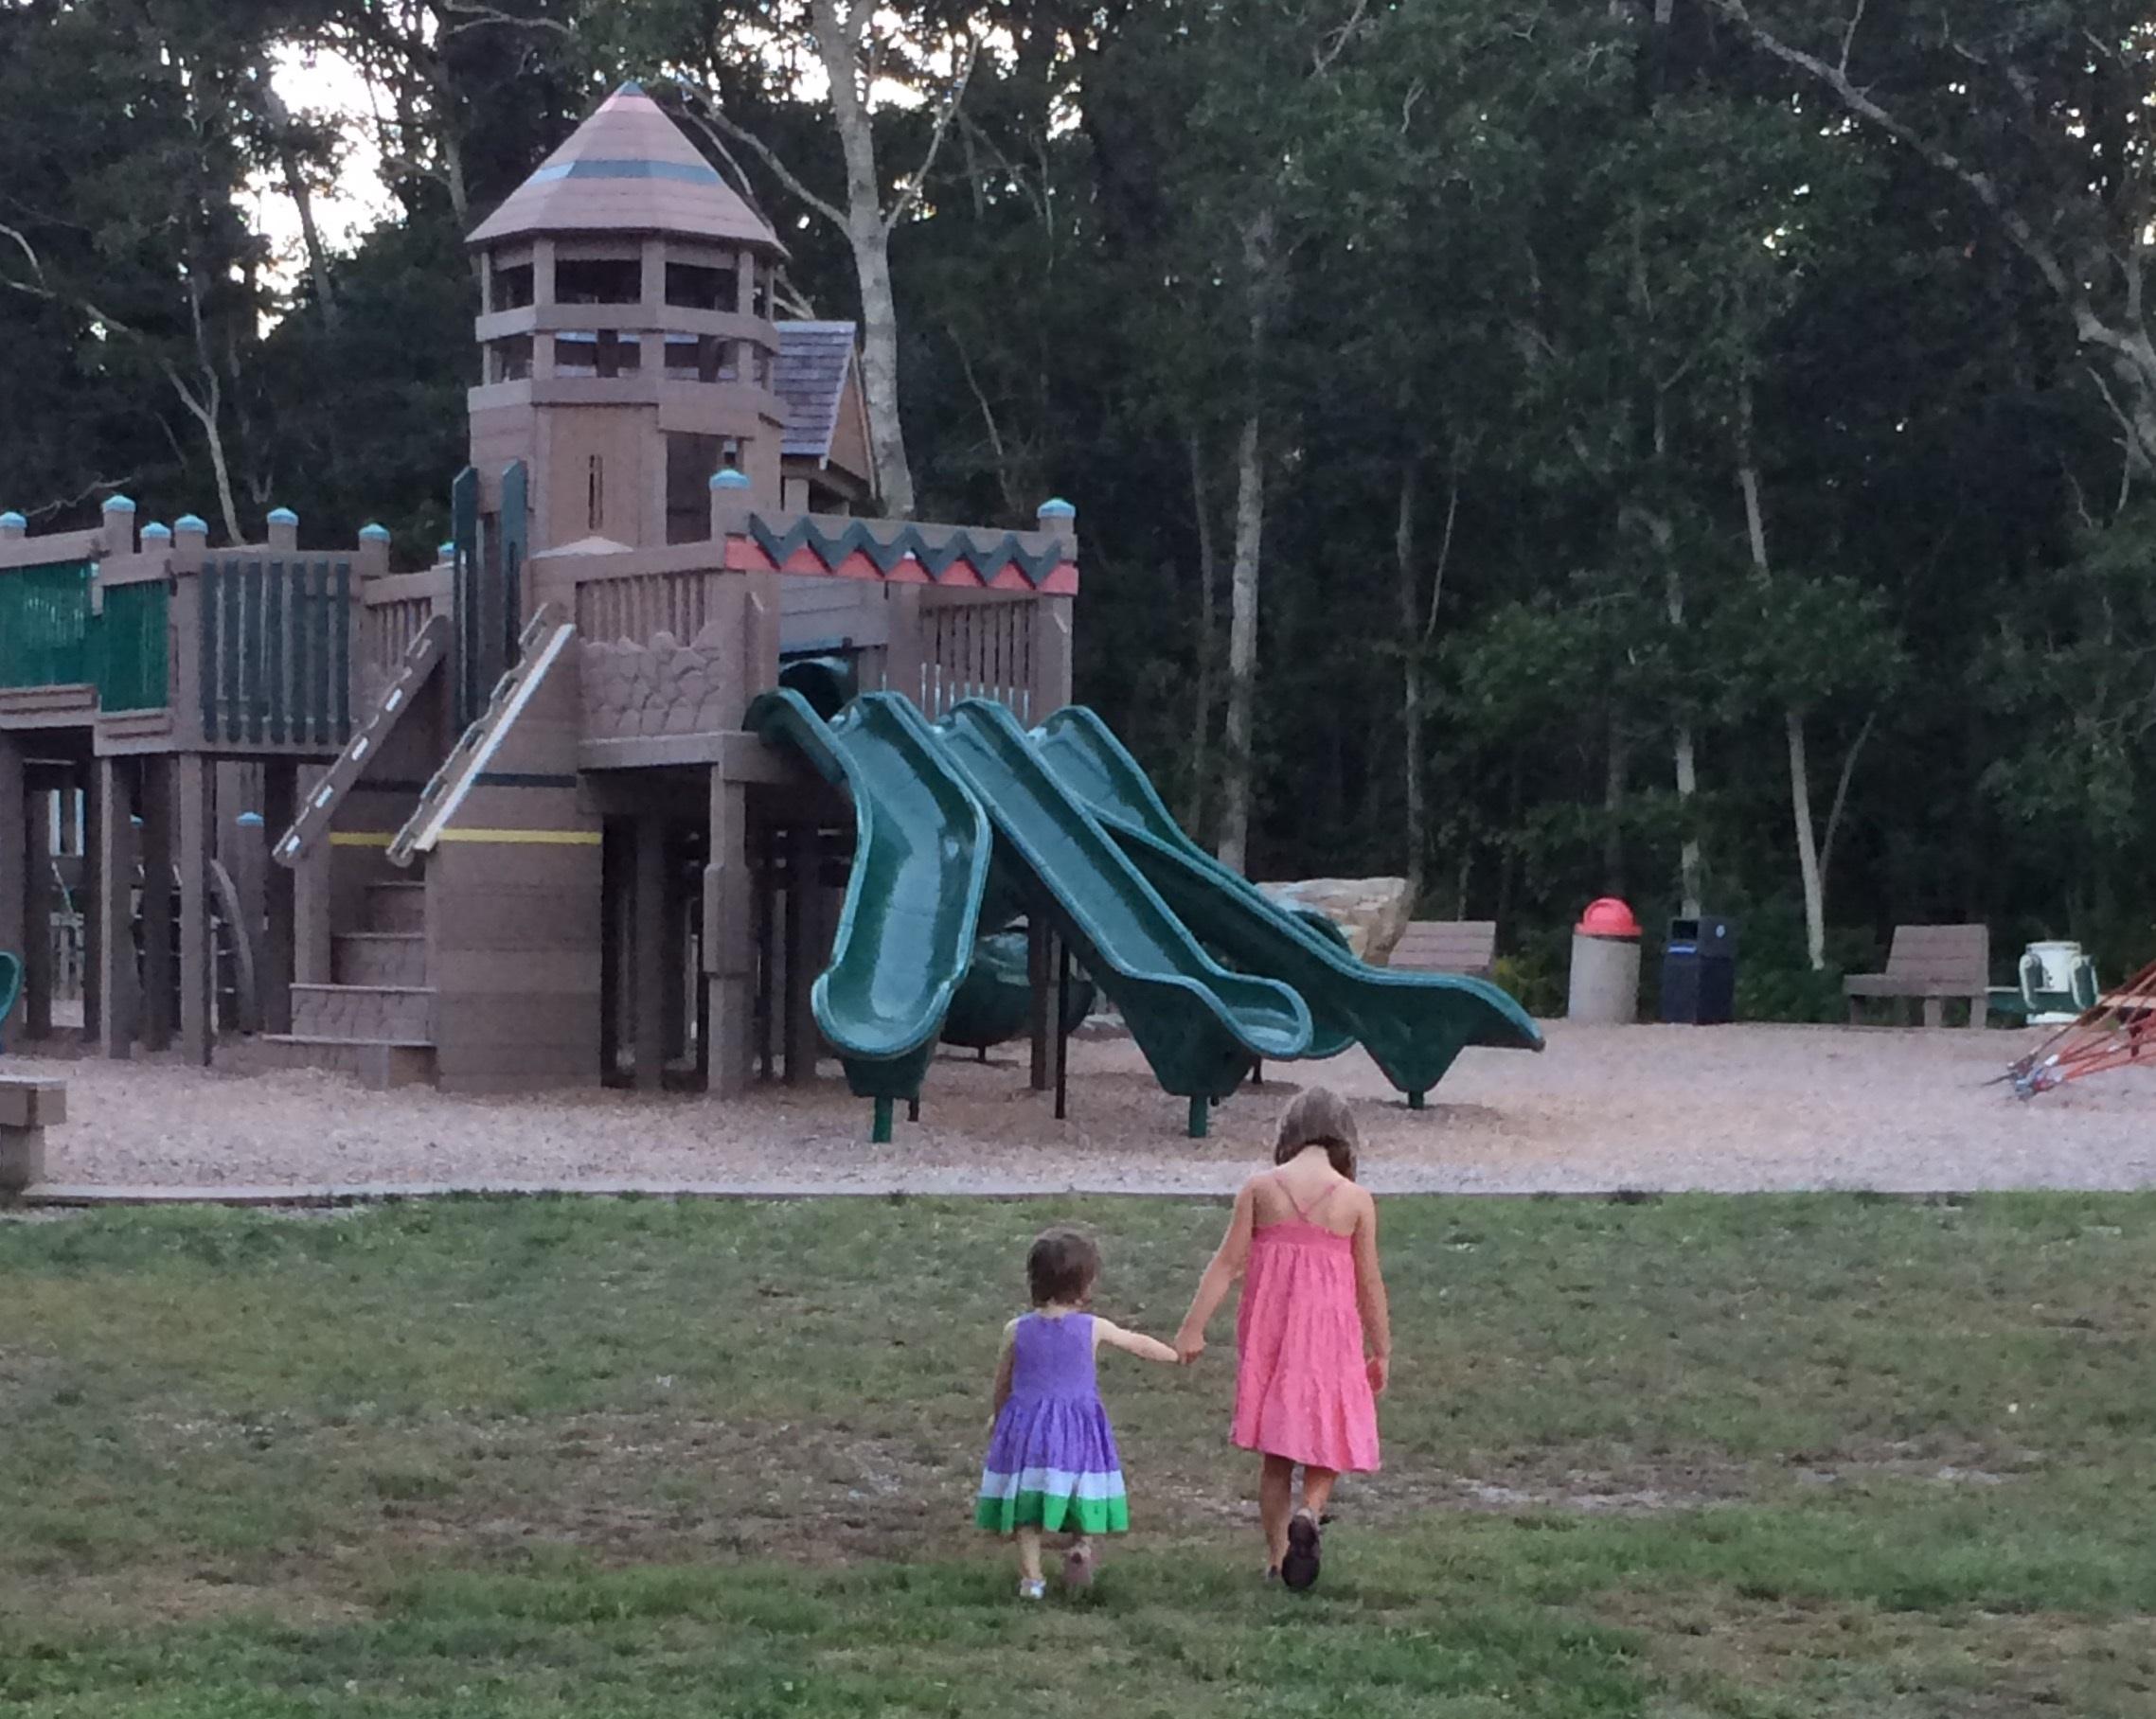 Playground-Orleans